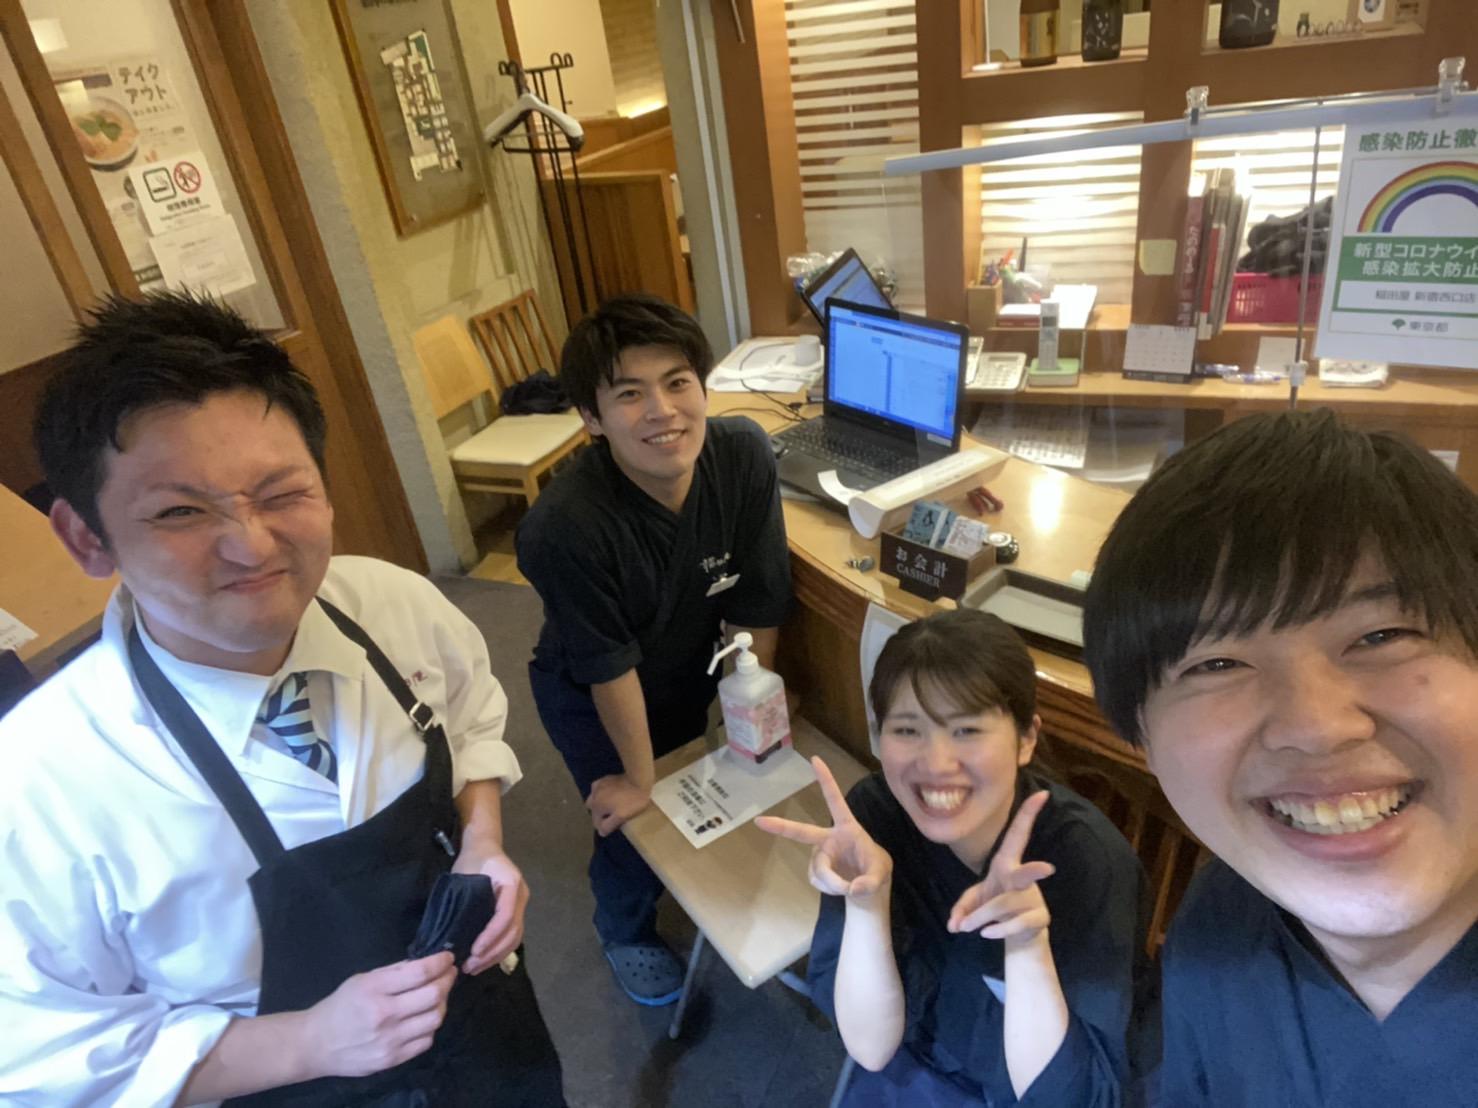 新宿西口店、最後までご愛顧いただきありがとうございました!